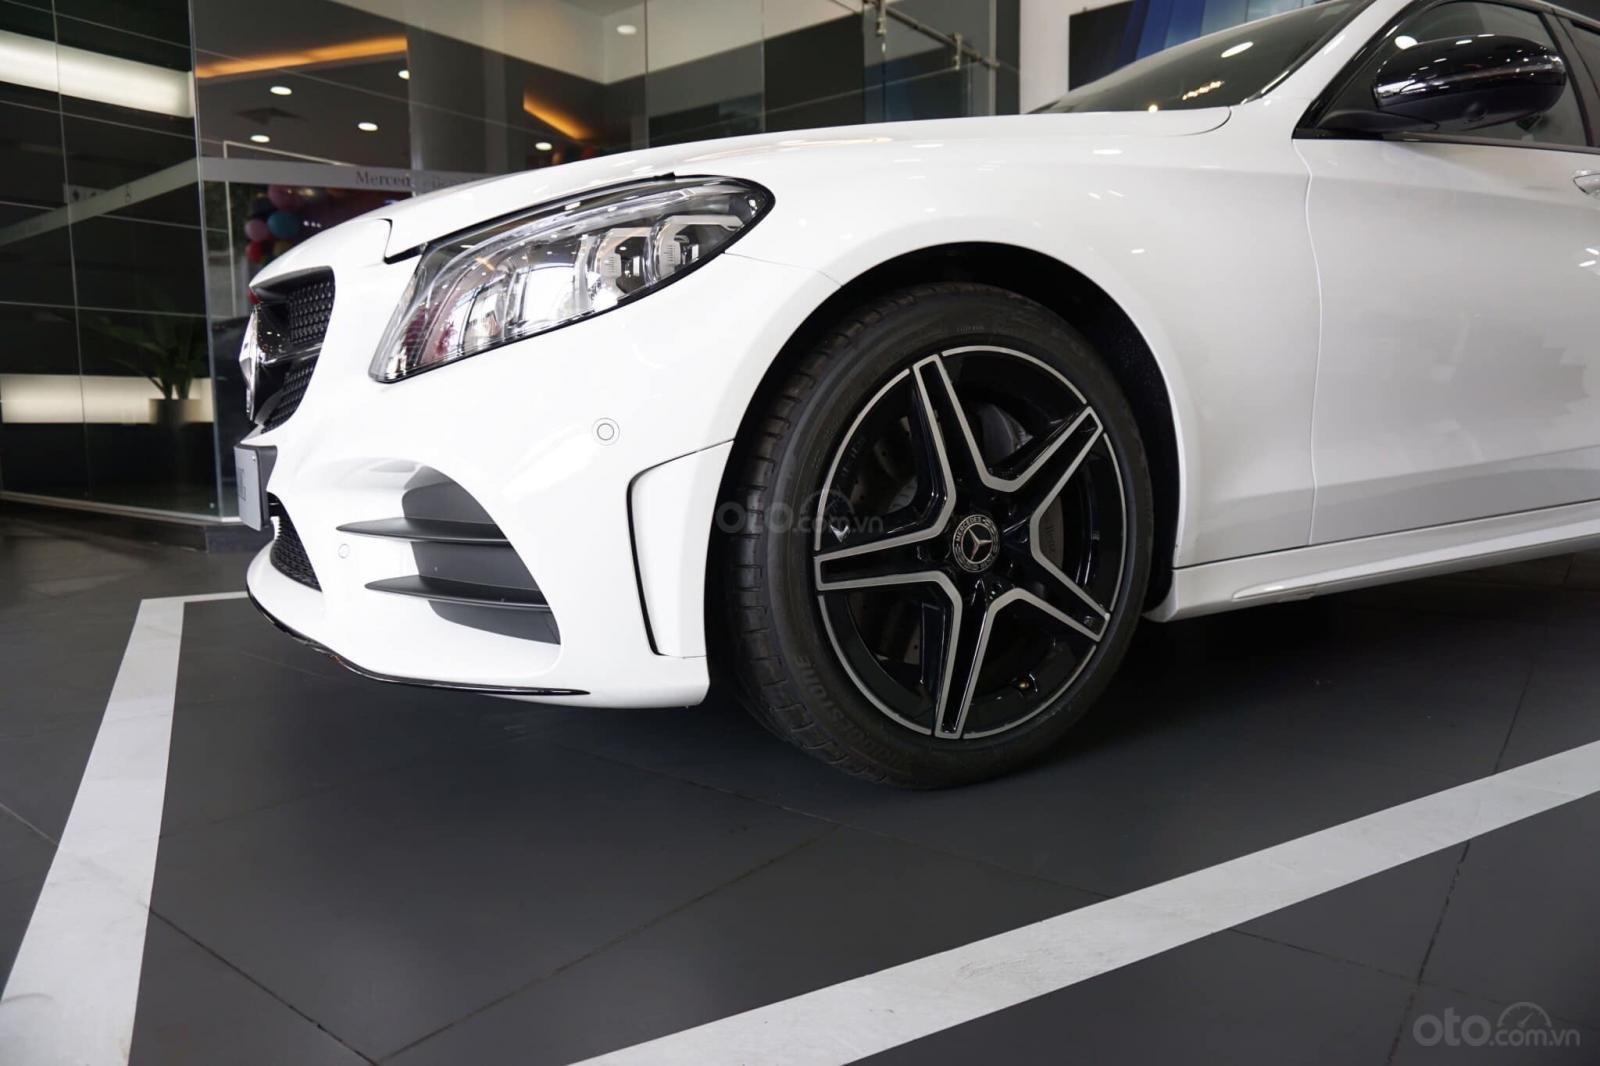 Giá xe Mercedes C300 AMG 2019: Thông số, giá lăn bánh (11/2019) giảm tiền mặt, tặng bảo hiểm và phụ kiện chính hãng (4)